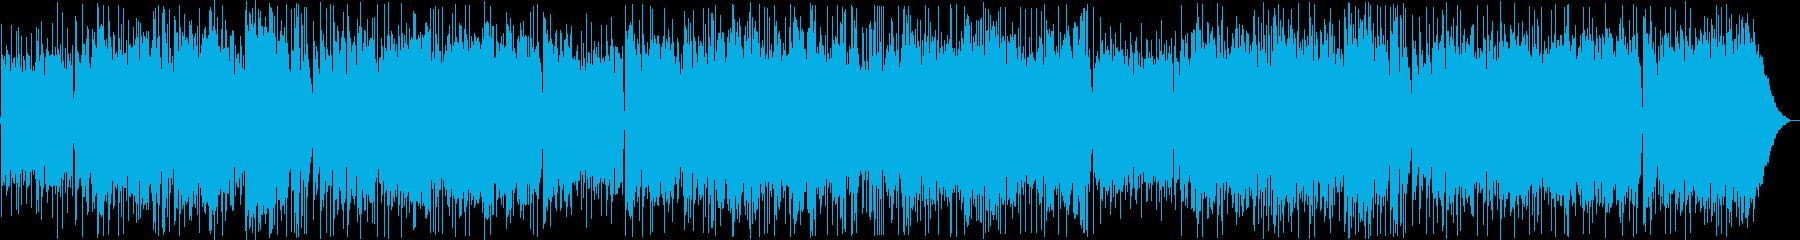 おしゃれなギター・シンセボサノヴァ系の再生済みの波形